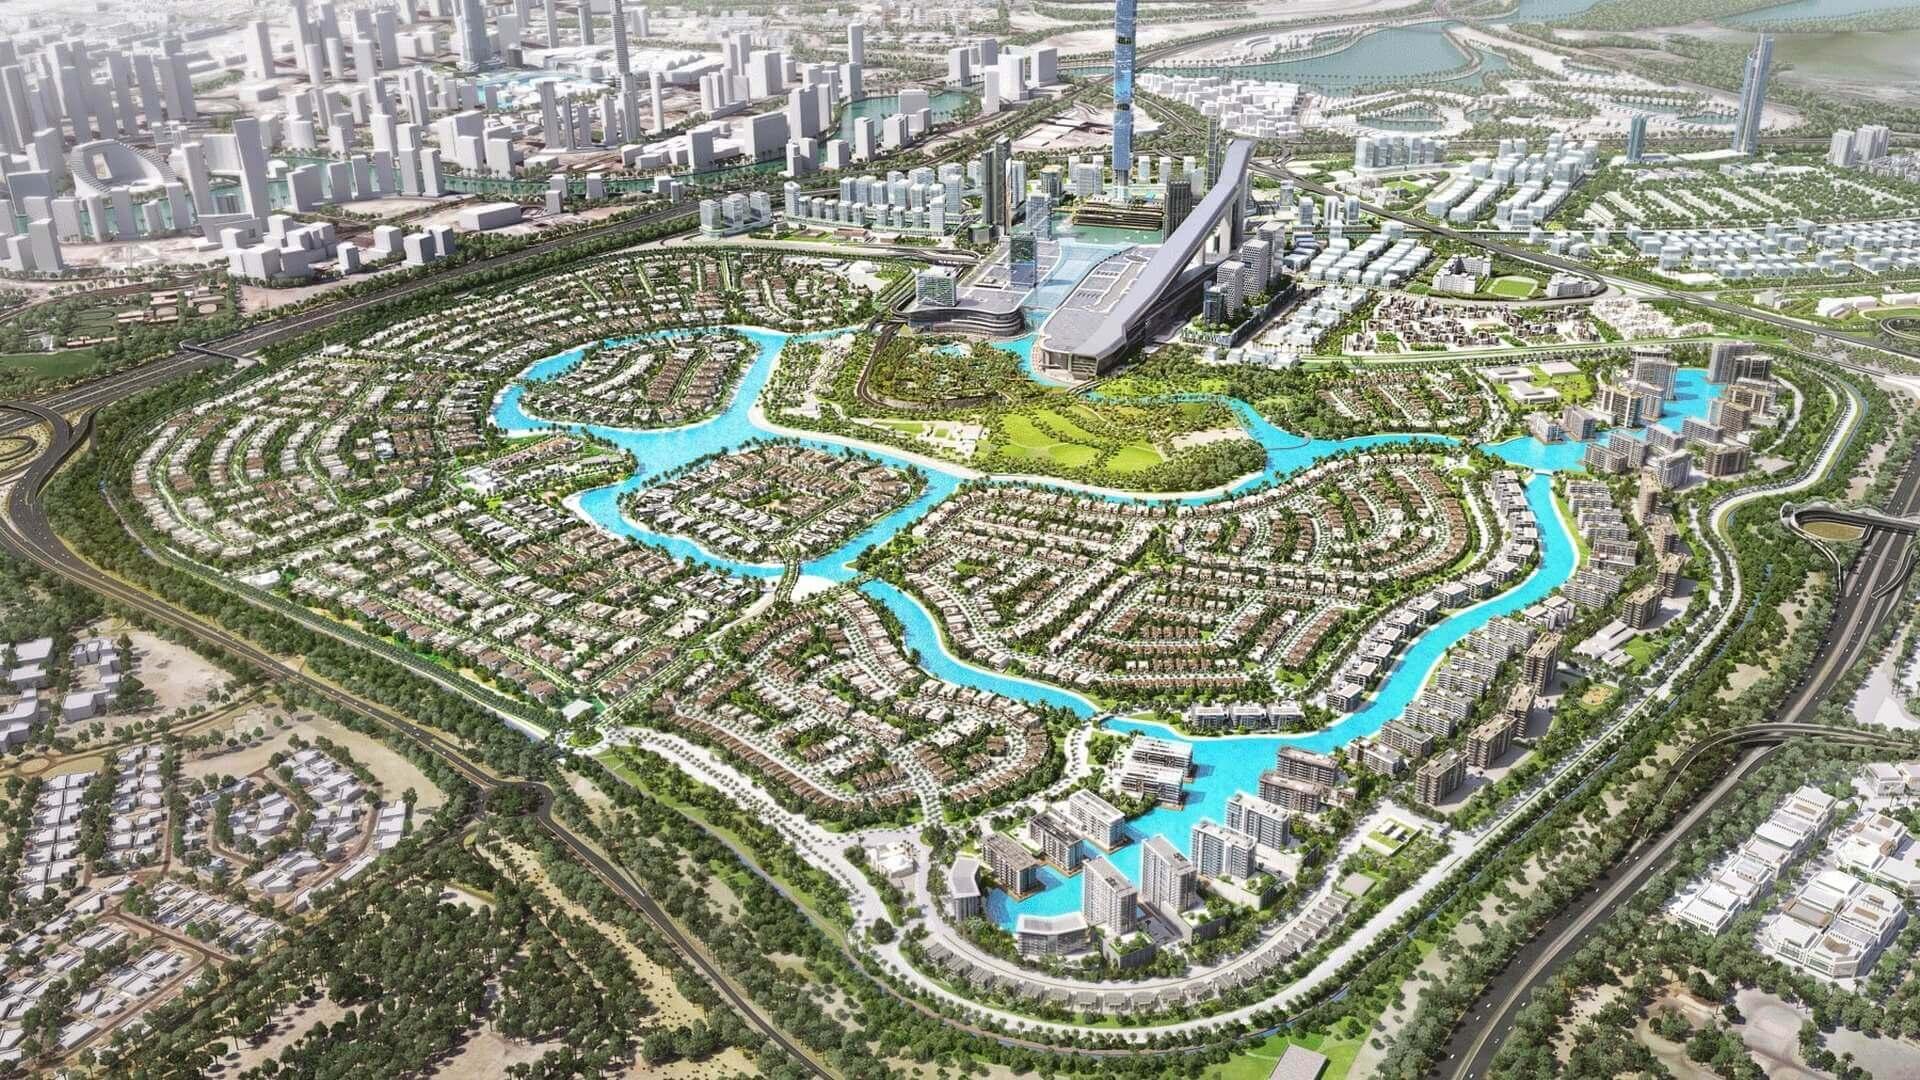 Ciudad Mohammed Bin Rashid (Ciudad MBR) - 3